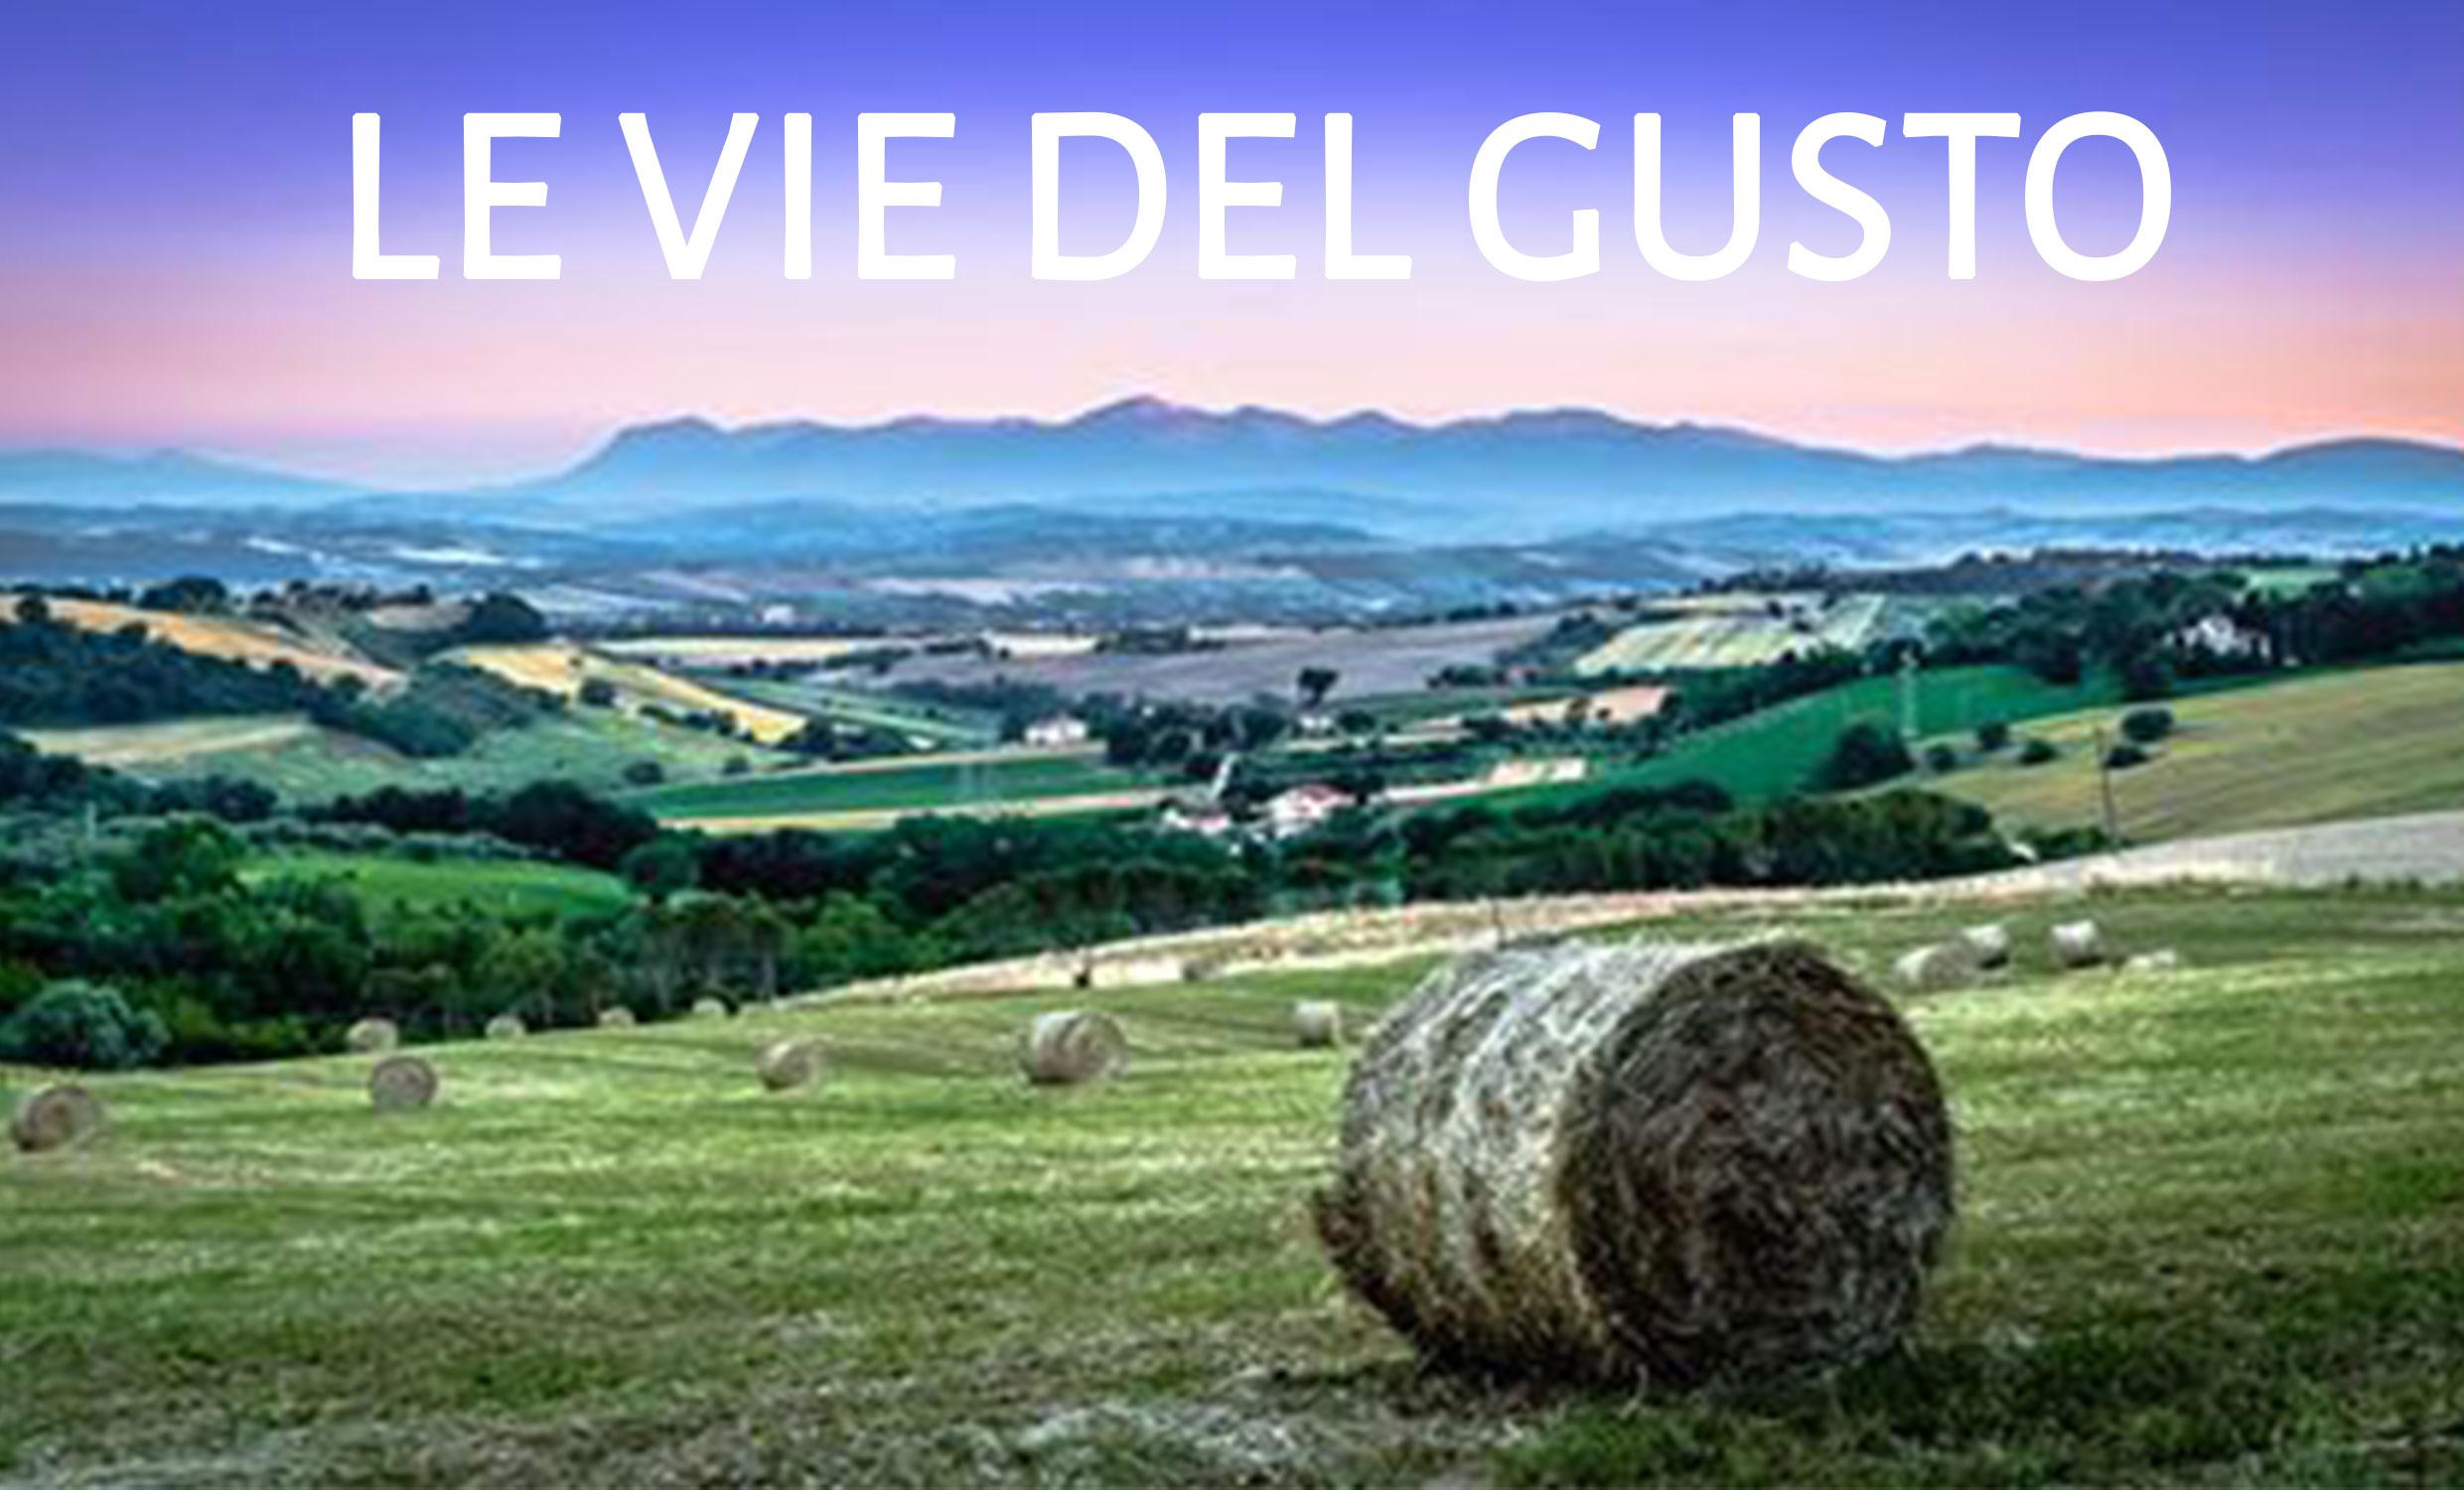 Ebook gratis > LE VIE DEL GUSTO - Profumi e sapori del Parco Nazionale dei Monti Sibillini